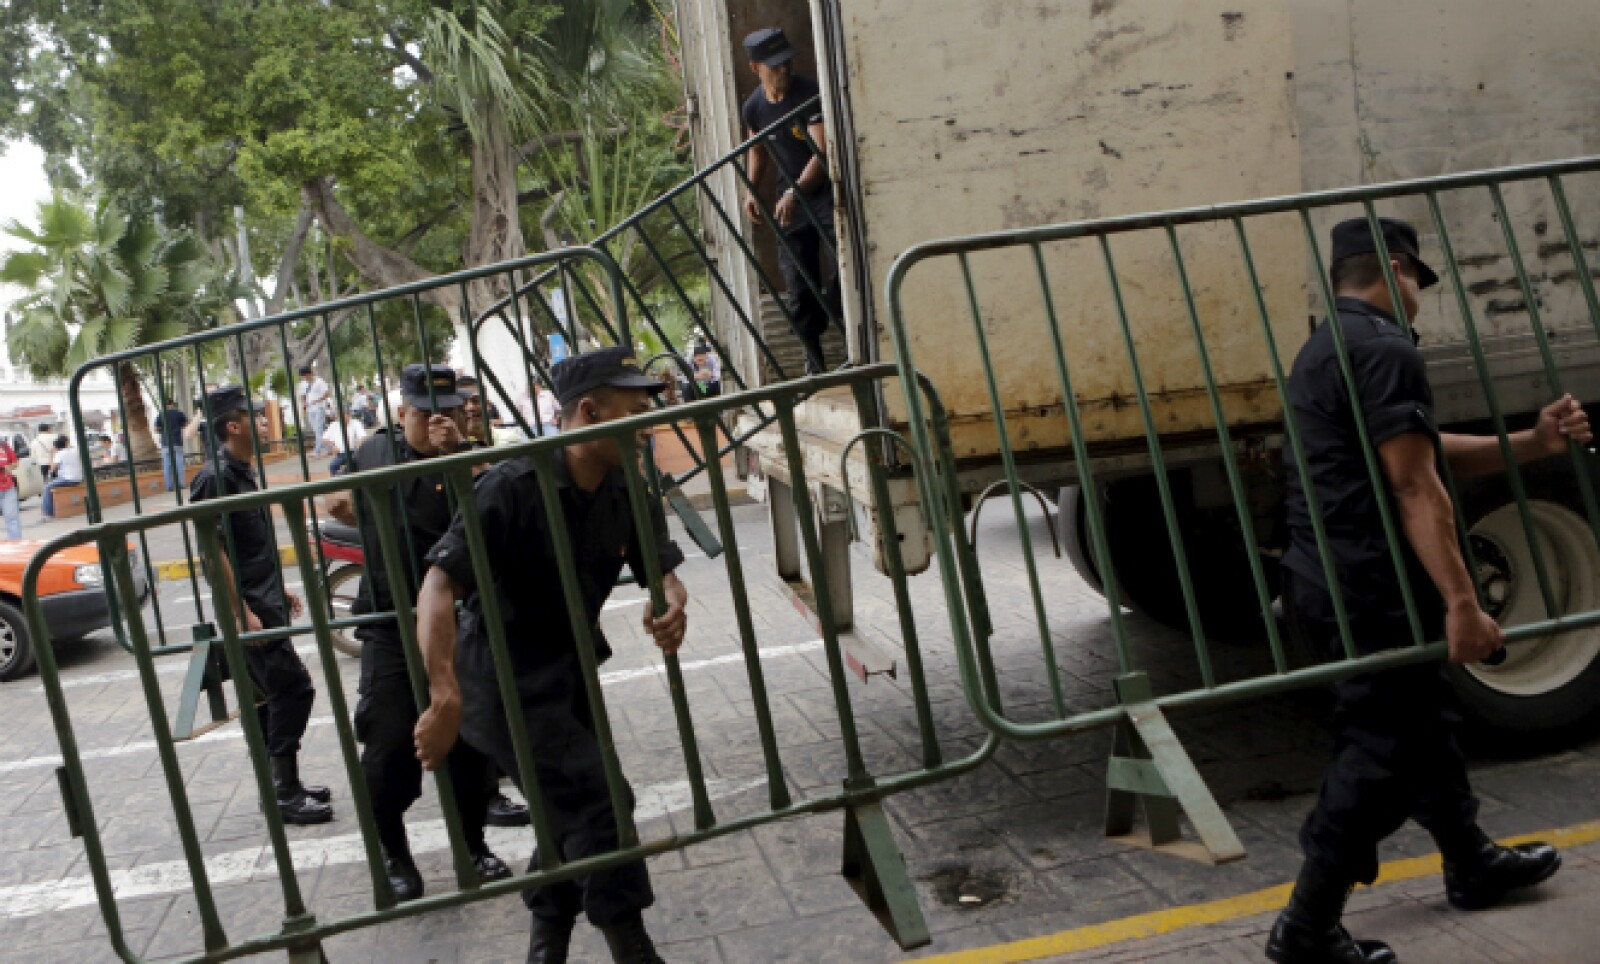 Las fuerzas de seguridad de Mérida prepararon la ciudad para el recibimiento de Castro.